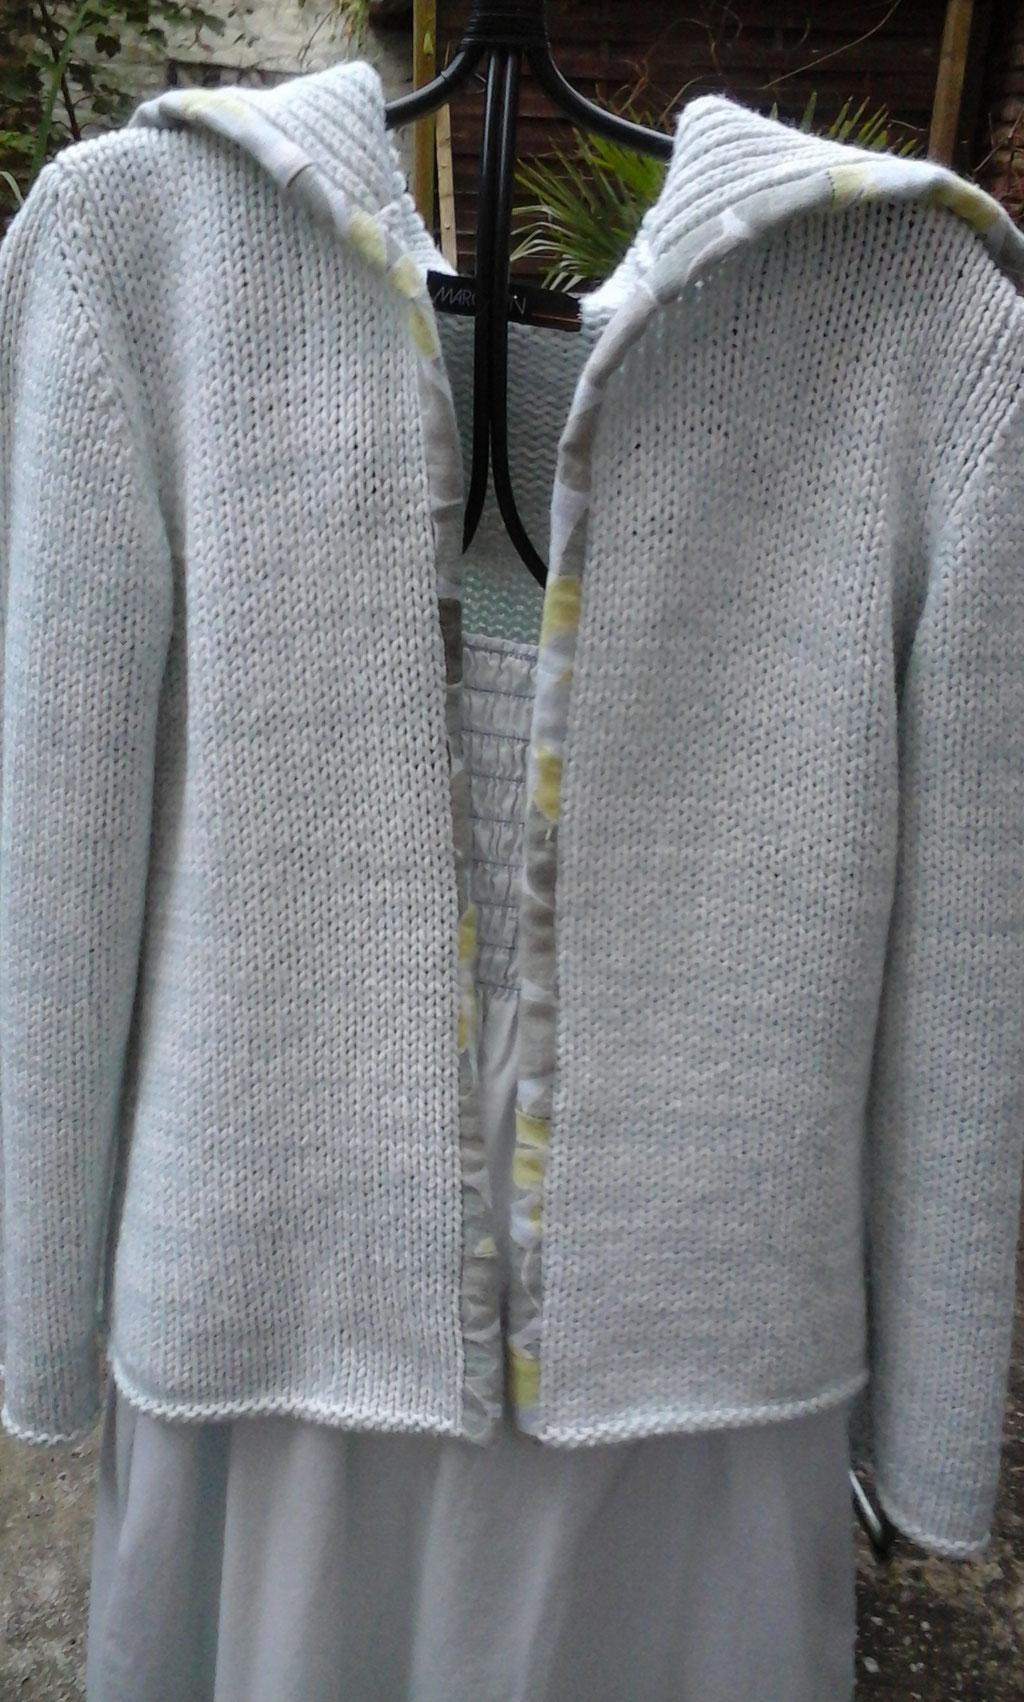 Pullover wird zur passenden Weste, verkauft, Idee und Ausführung: Beate Gernhardt